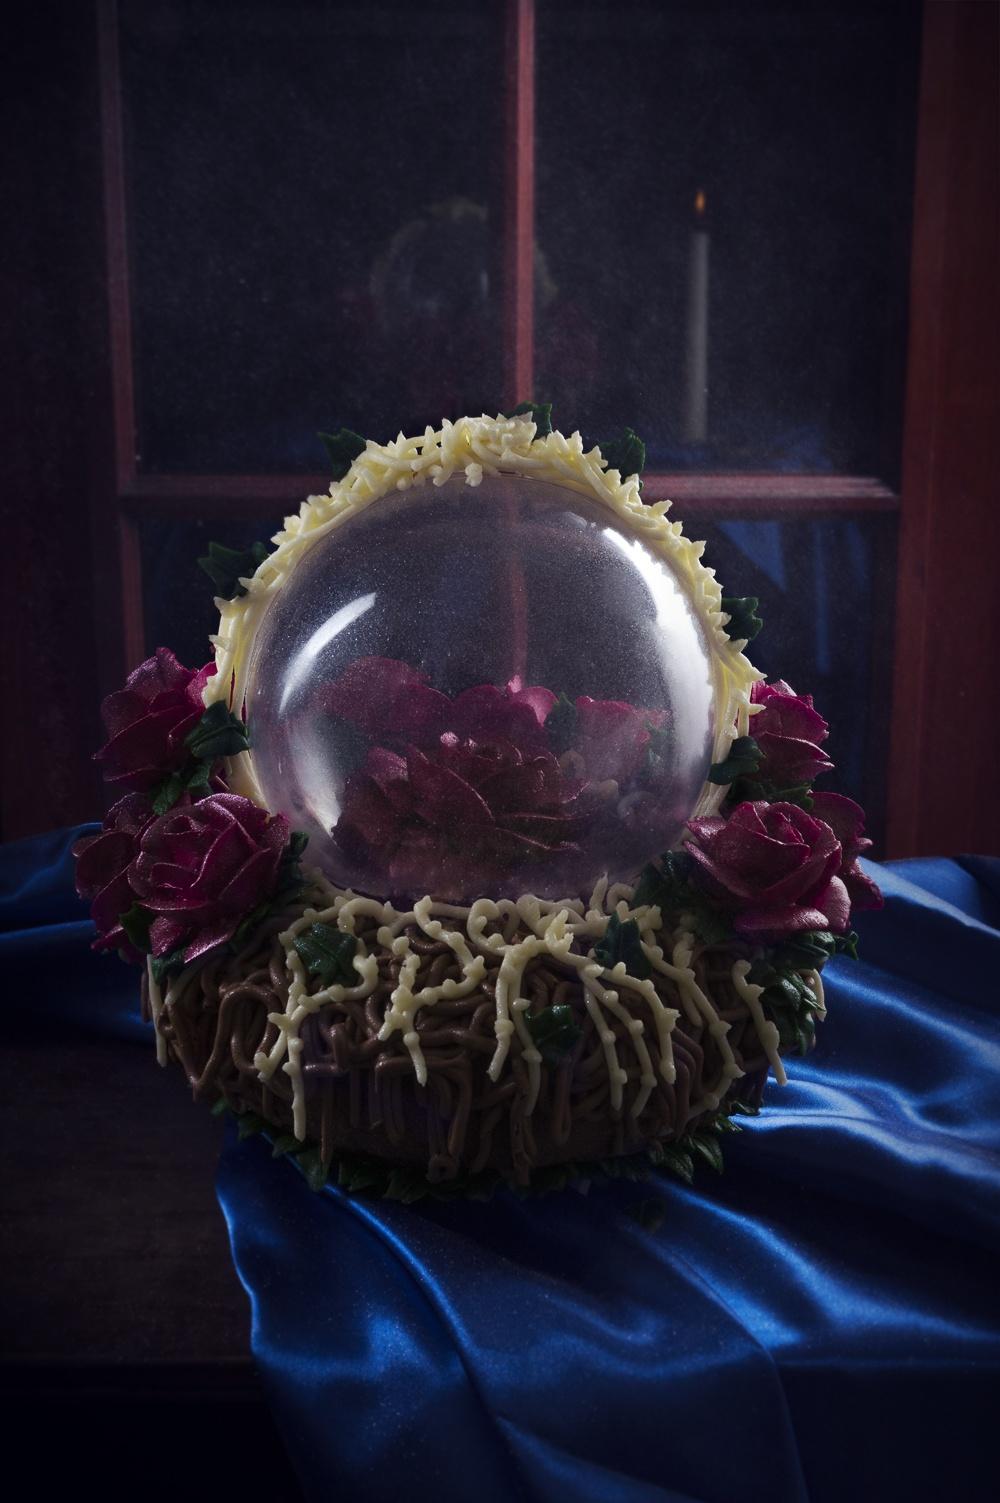 La rose enchantée - Beauty and the beast - Qui a vole les tartes - Studio de creation